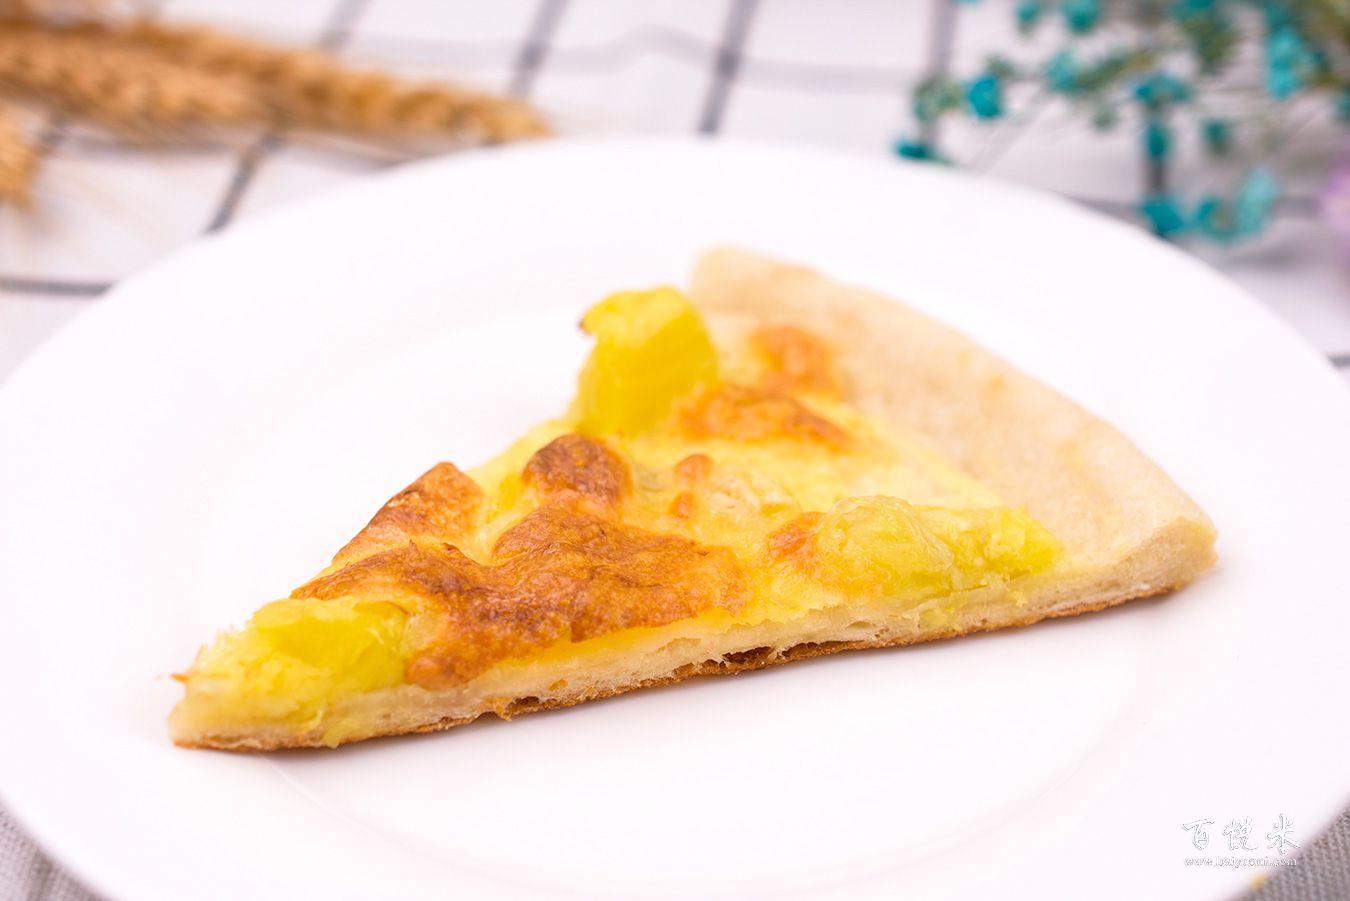 榴莲披萨高清图片大全【蛋糕图片】_799